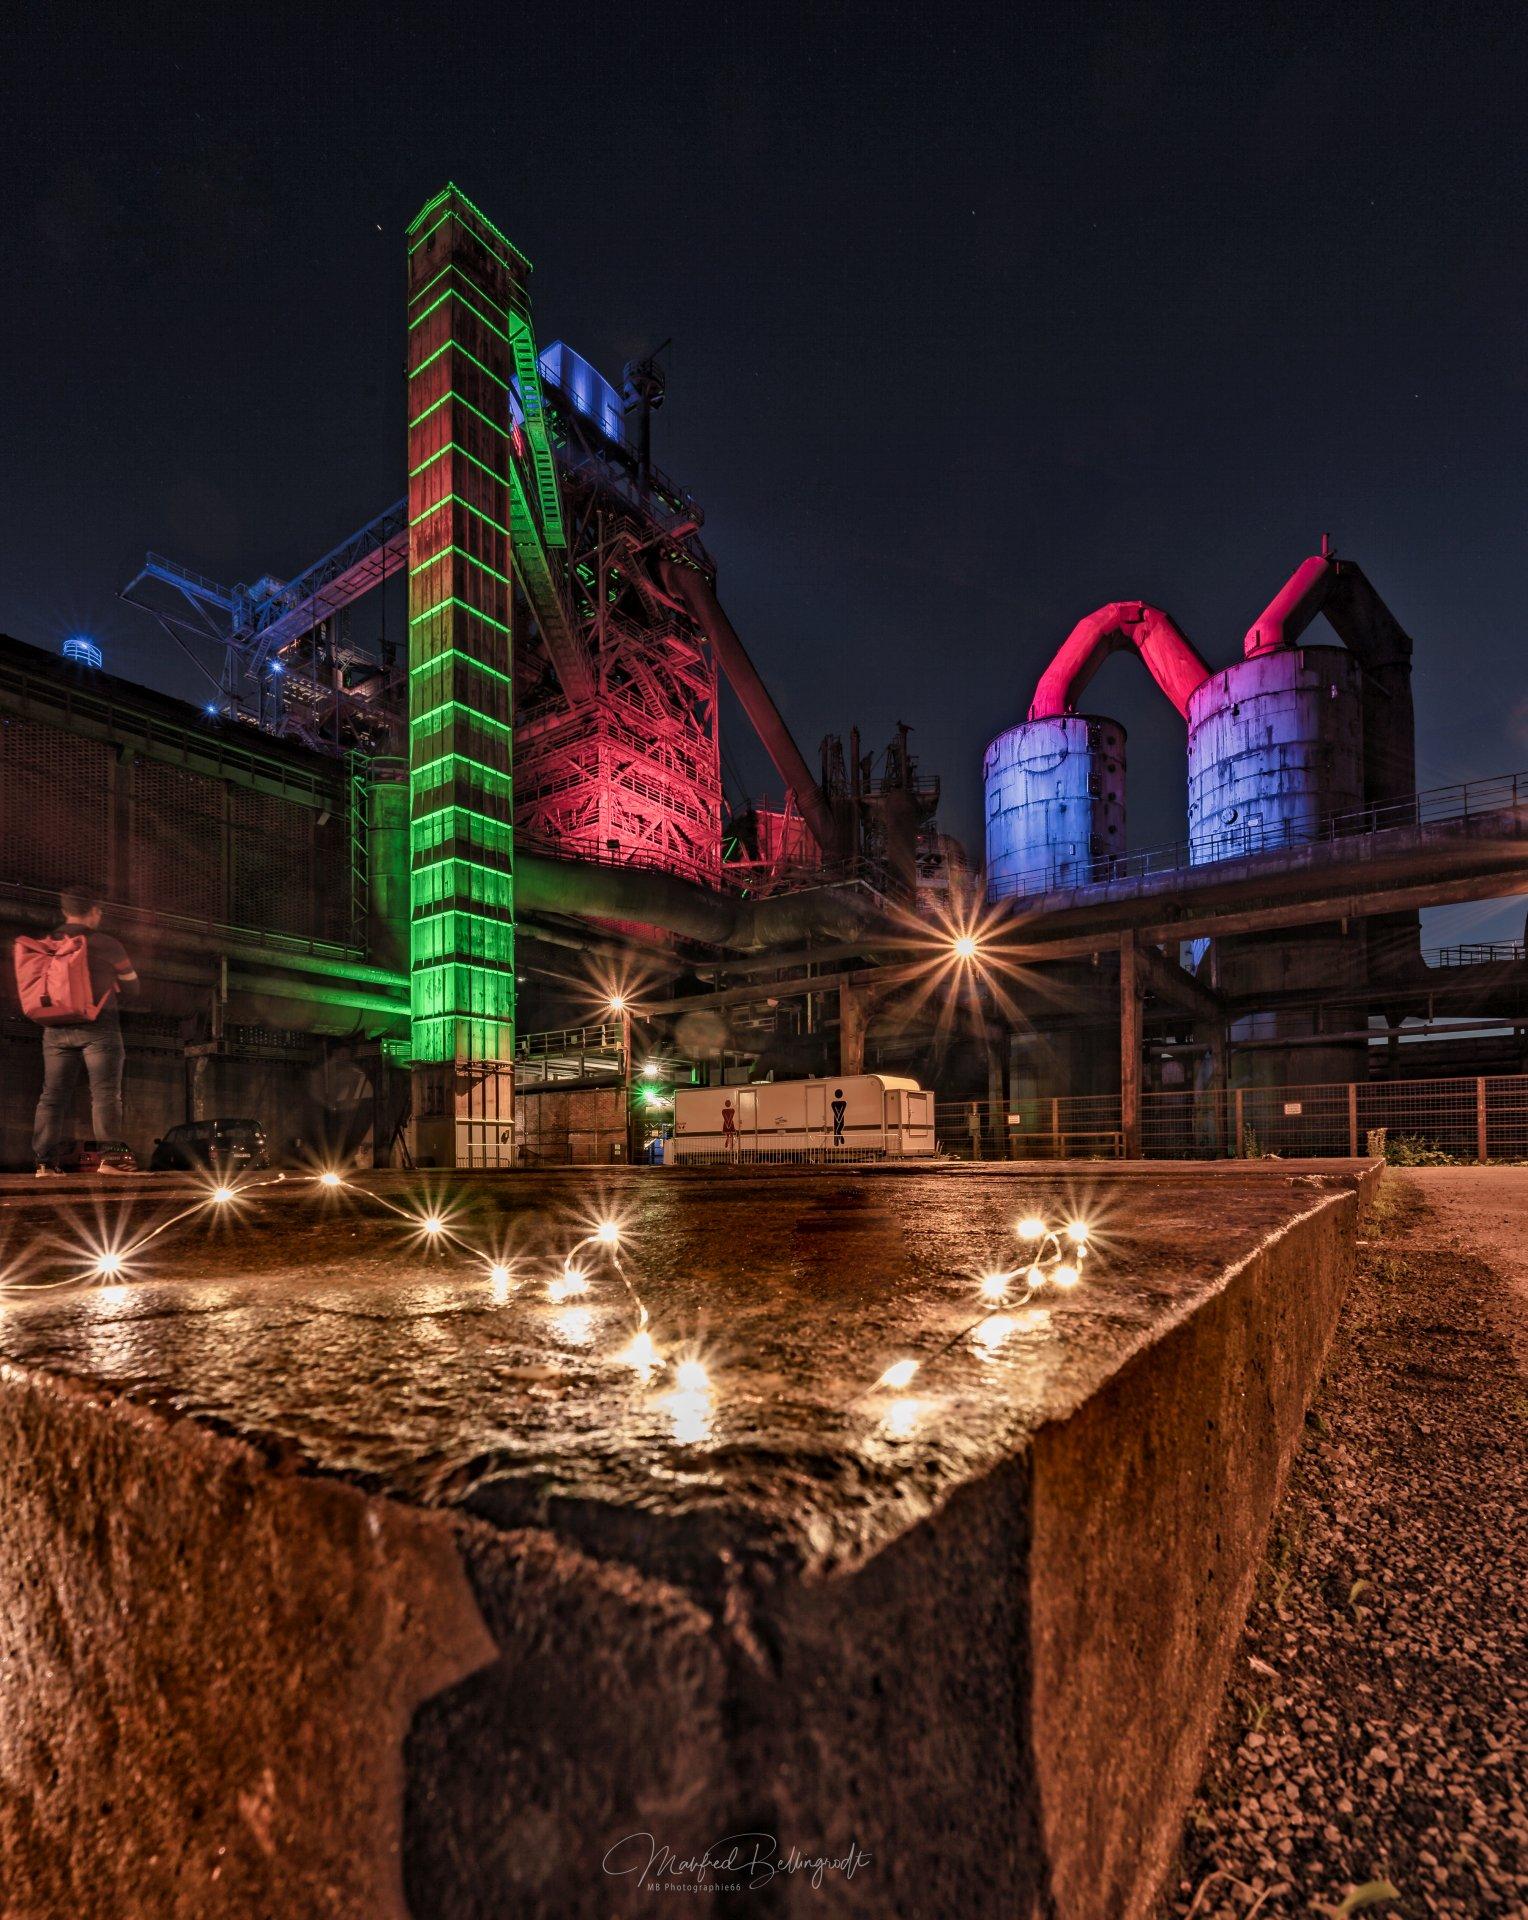 Landschaftspark Duisburg, Holzturm und Lights